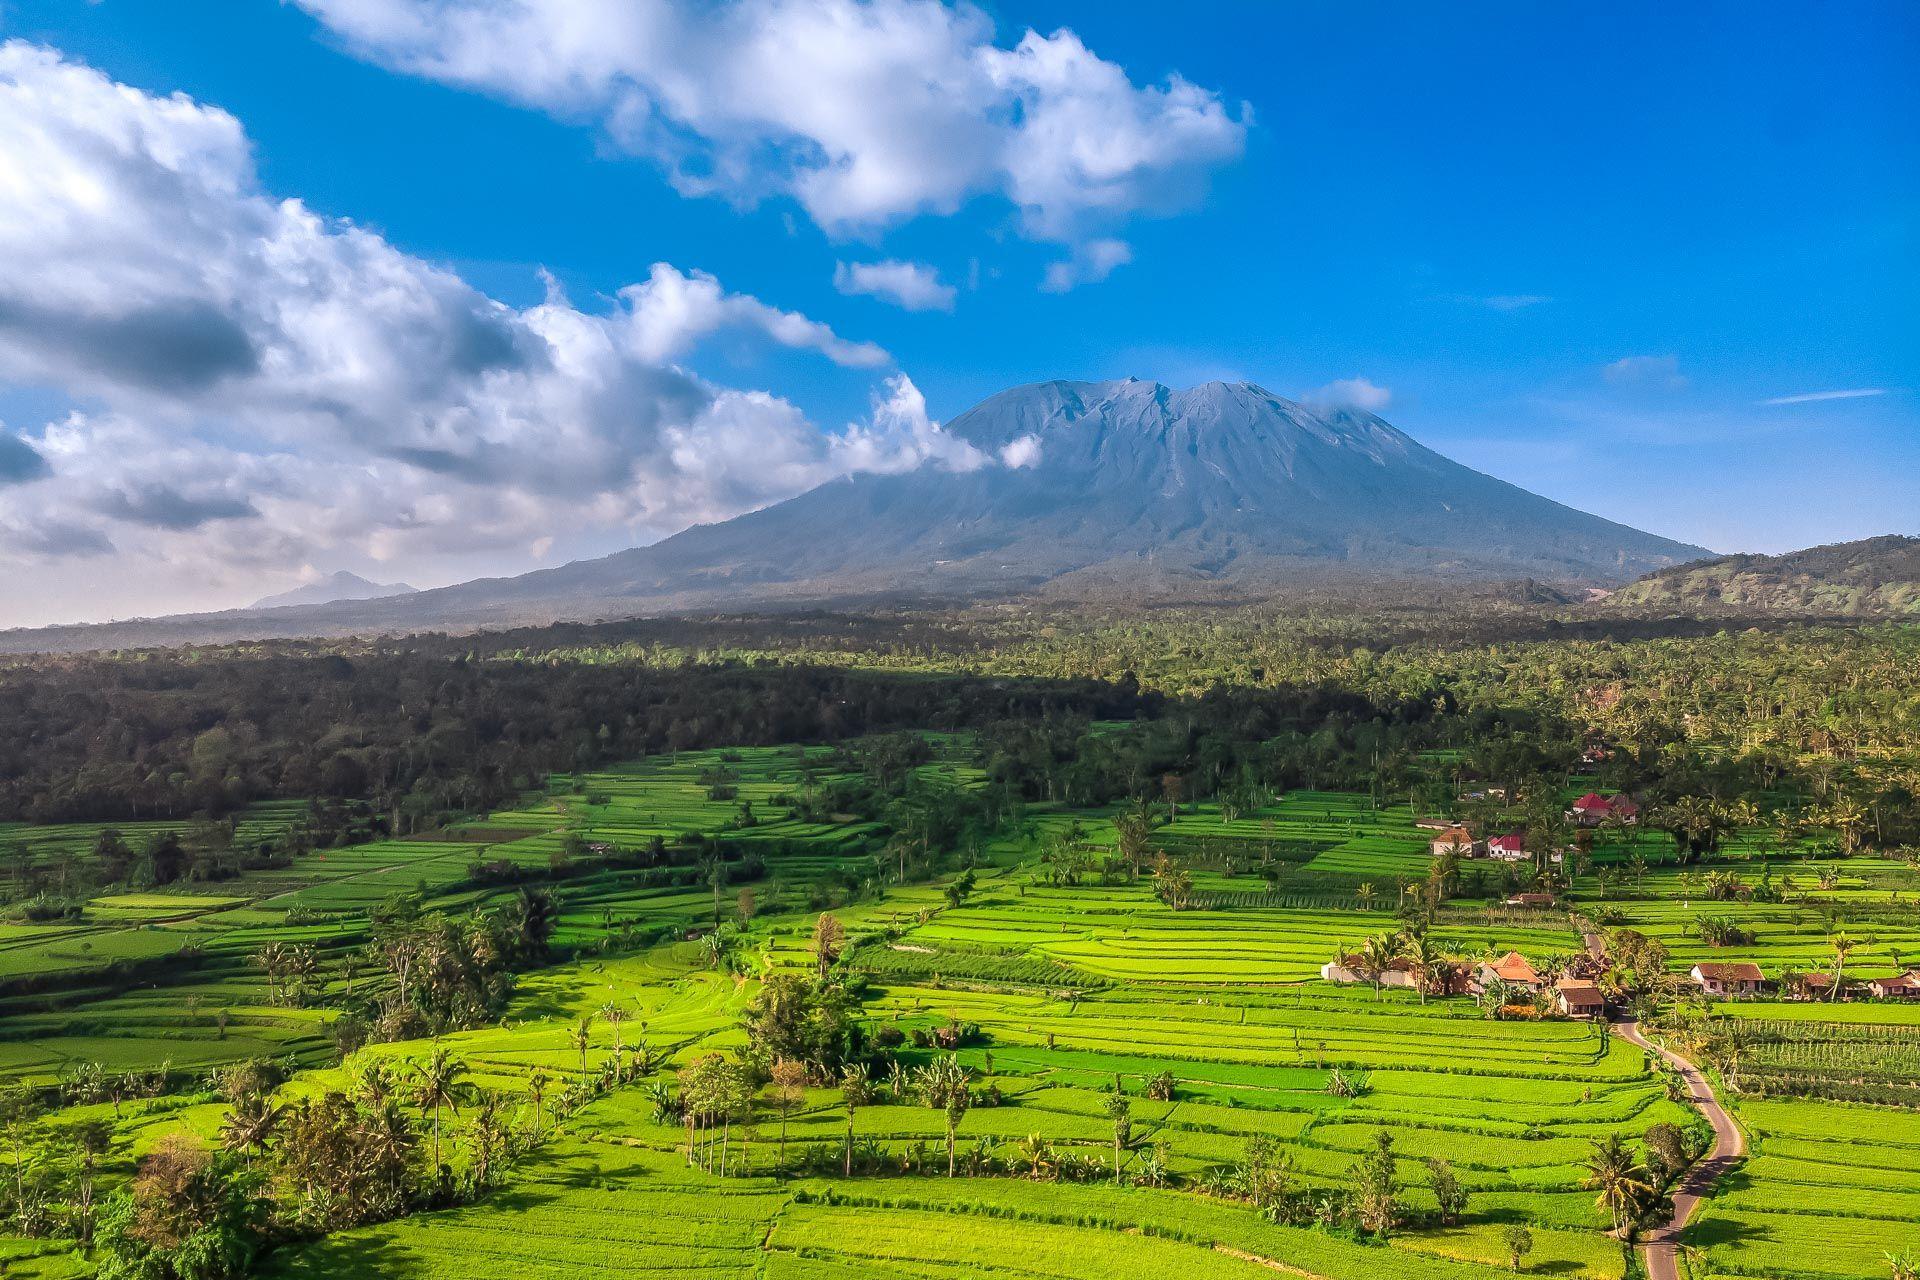 Бали, Индонезия, остров Бали, что посмотреть на Бали, куда сходить на Бали, достопримечательности Бали, Амед Бали что посмотреть, Амед Бали фото, экскурсии на Бали, развлечения на Бали, природа на Бали, вулканы на Бали, восток Бали, Агунг, вулкан Агунг, Агунг вулкан на Бали, вулканы на Бали, вид на Агунг, мавик эир фото, фото Бали, пляж Амеда фото, храмы в Амеде, пура Лемпуянг, храм Лемпуянг Бали, храм с видом на Агунг, ворота с видом на Агунг, ворота с видом на вулкан, вьюпоинт Бали, лучшие обзорные площадки на Бали, где лучшие фото Бали,